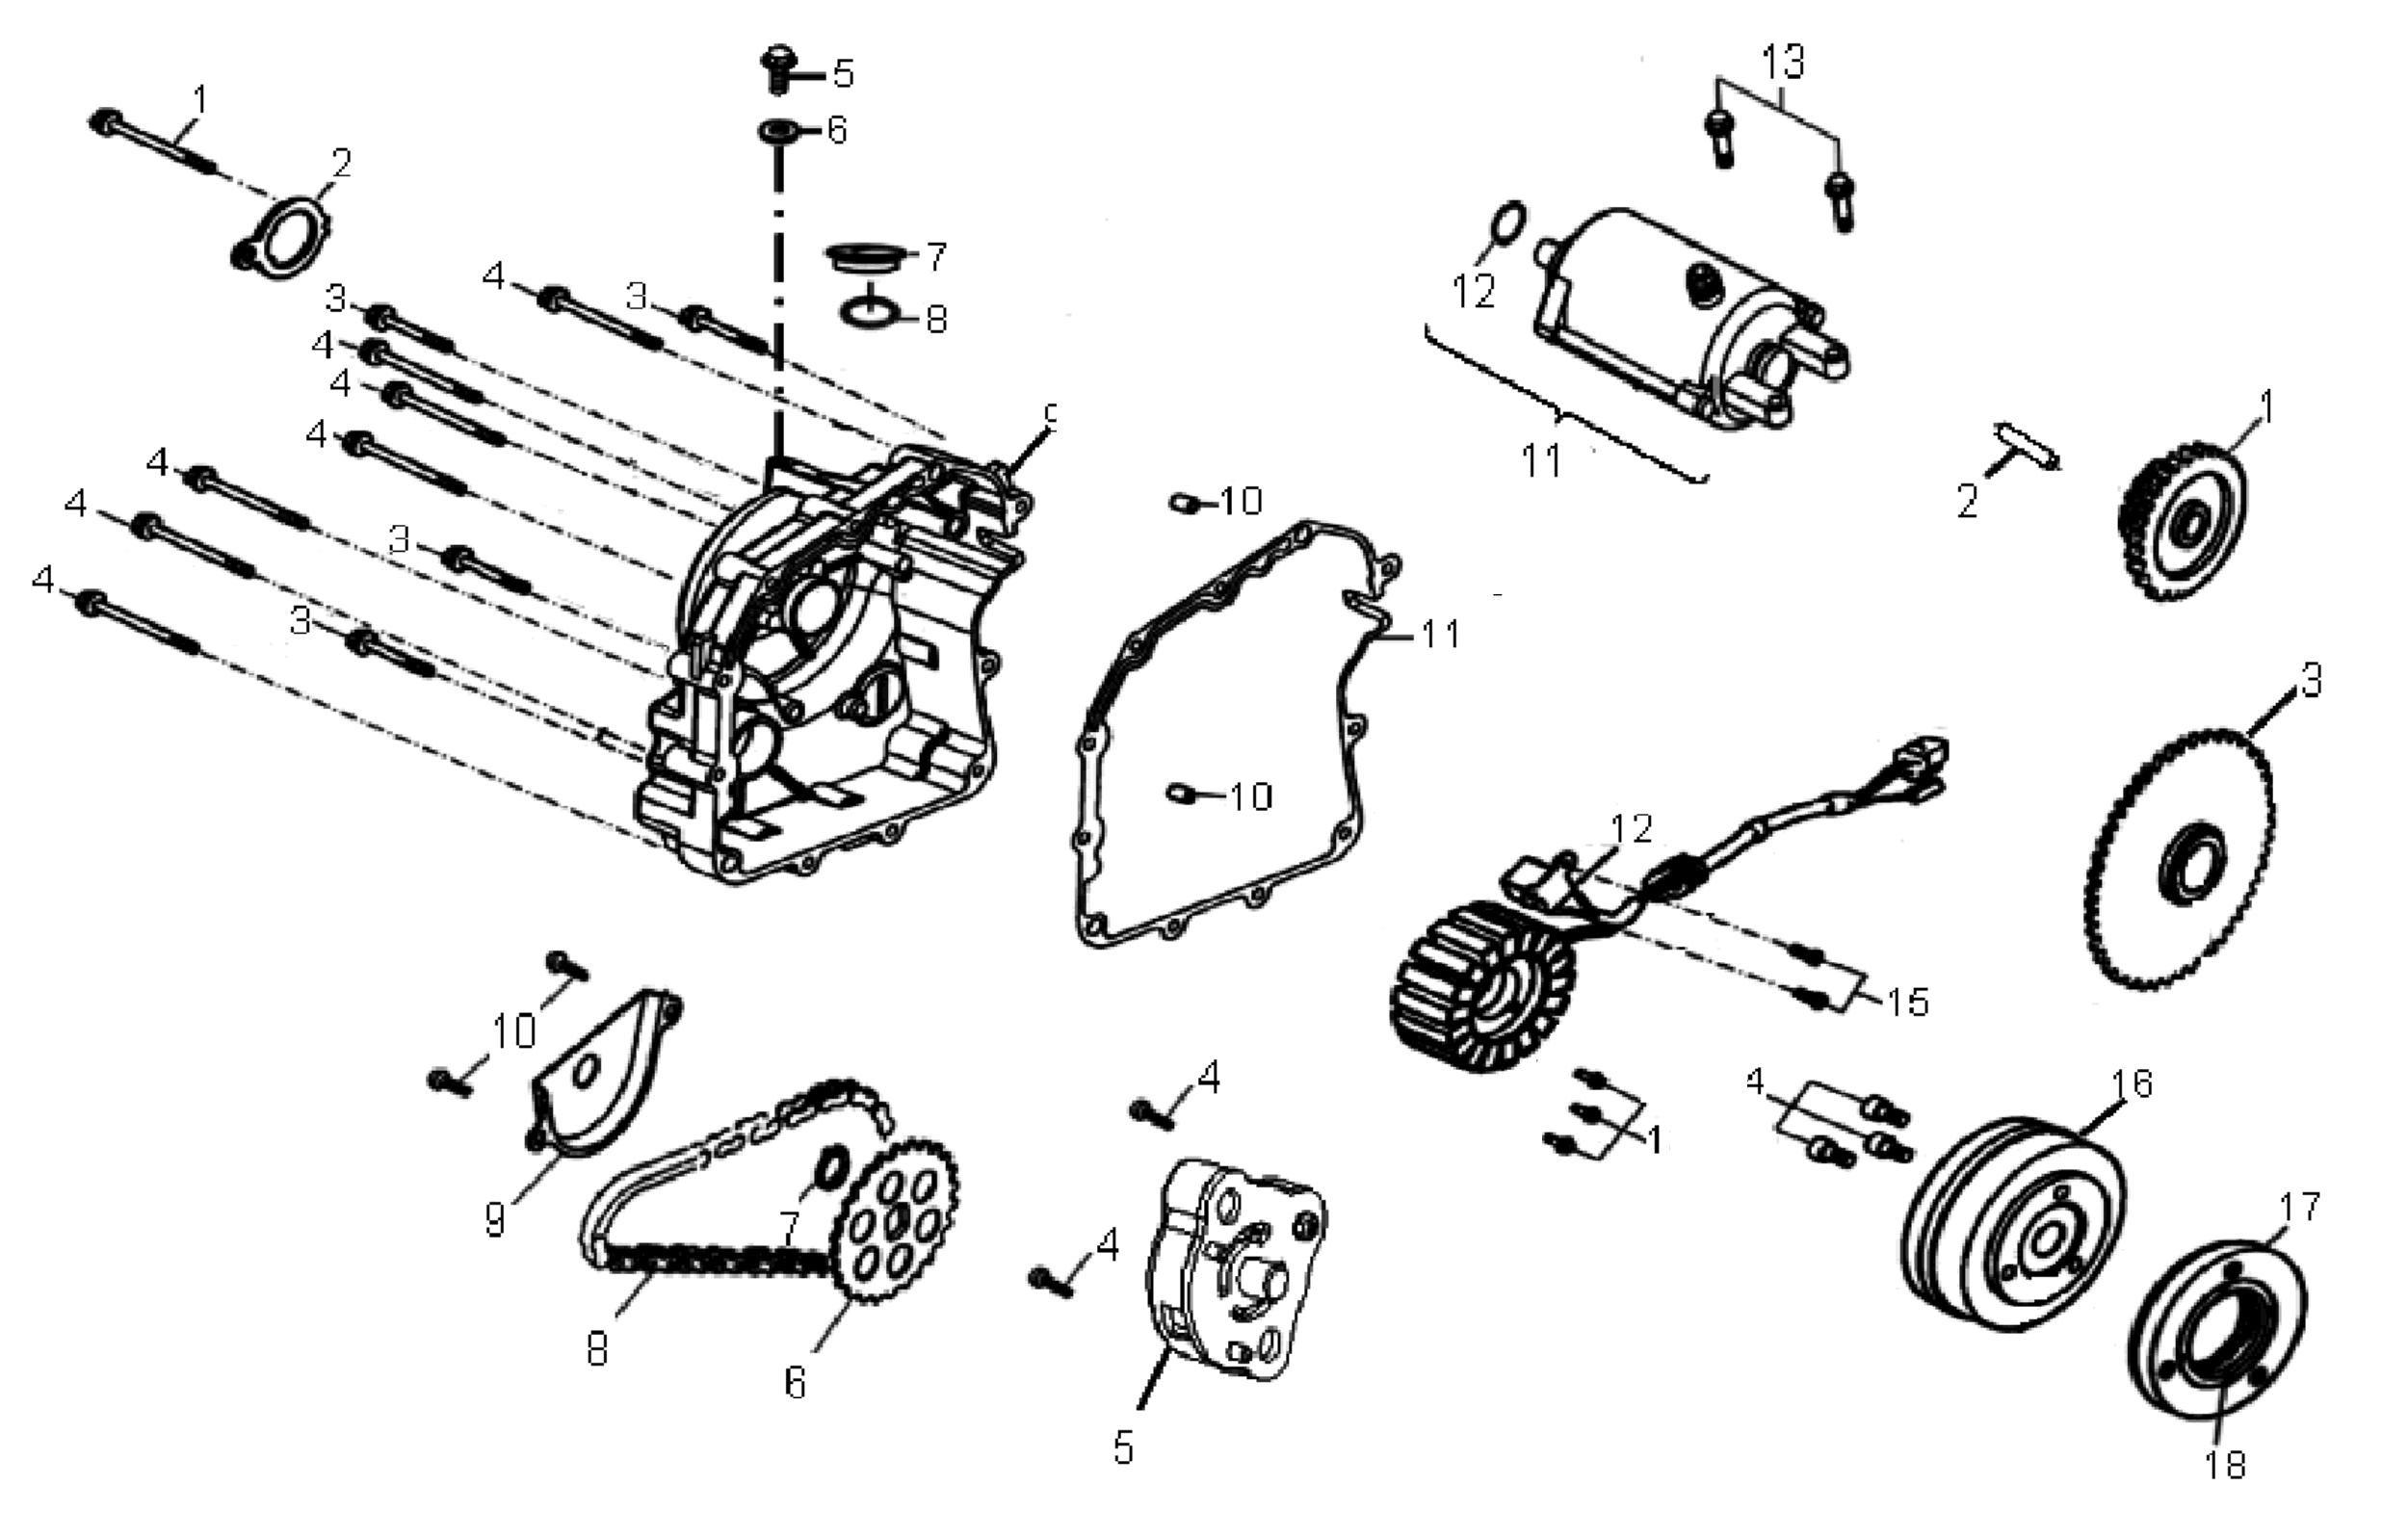 Anlasser / Lichtmaschine / Ölpumpe / Gehäusedeckel links